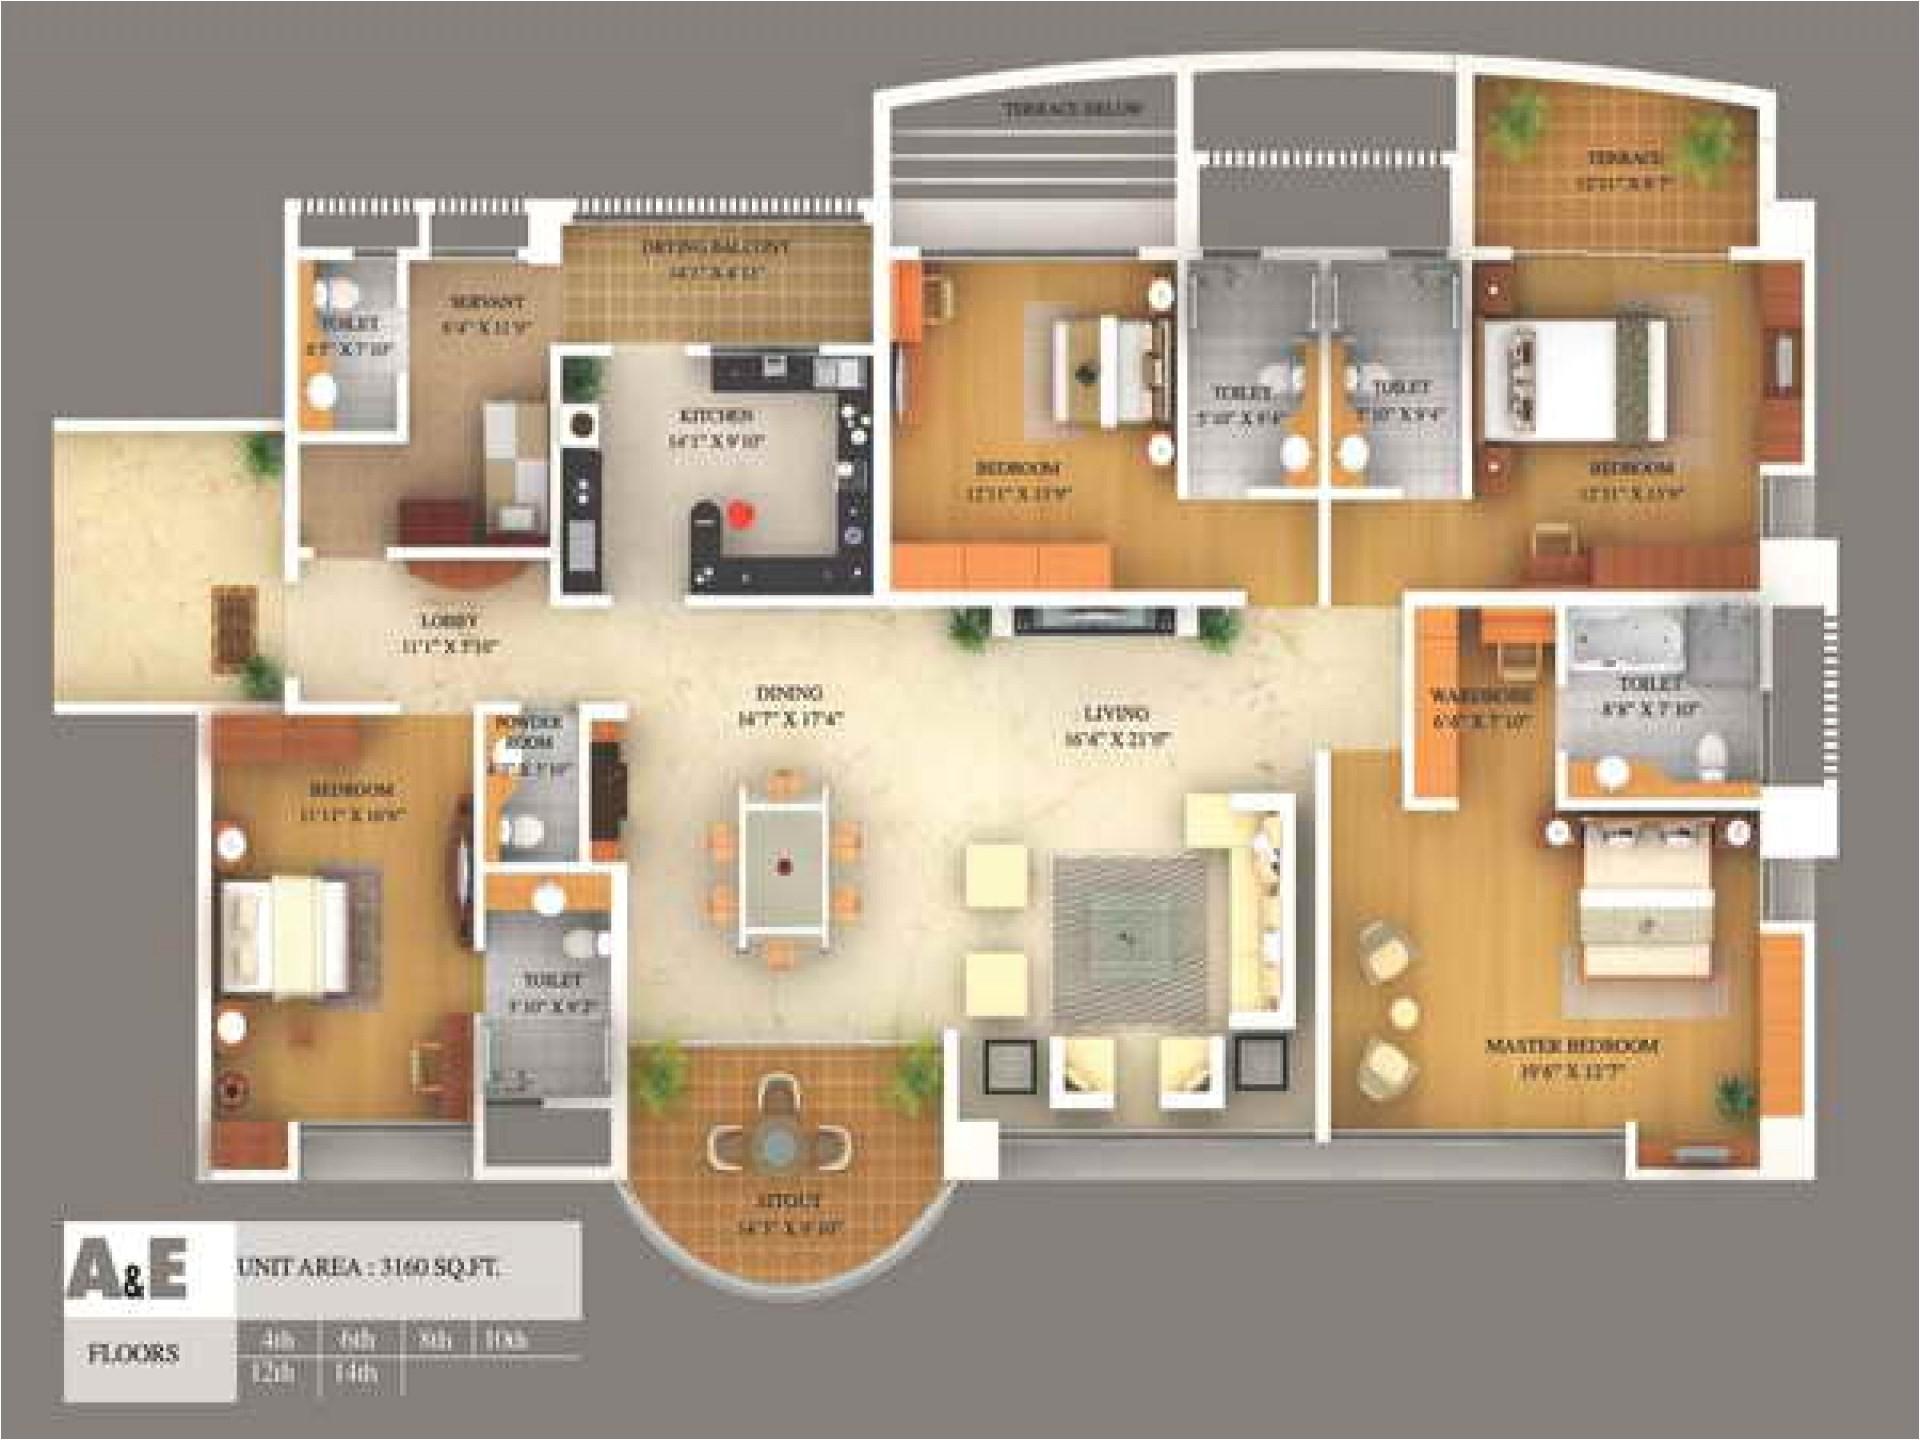 best home floor plan design software luxury floor plan design software home design expert 2017